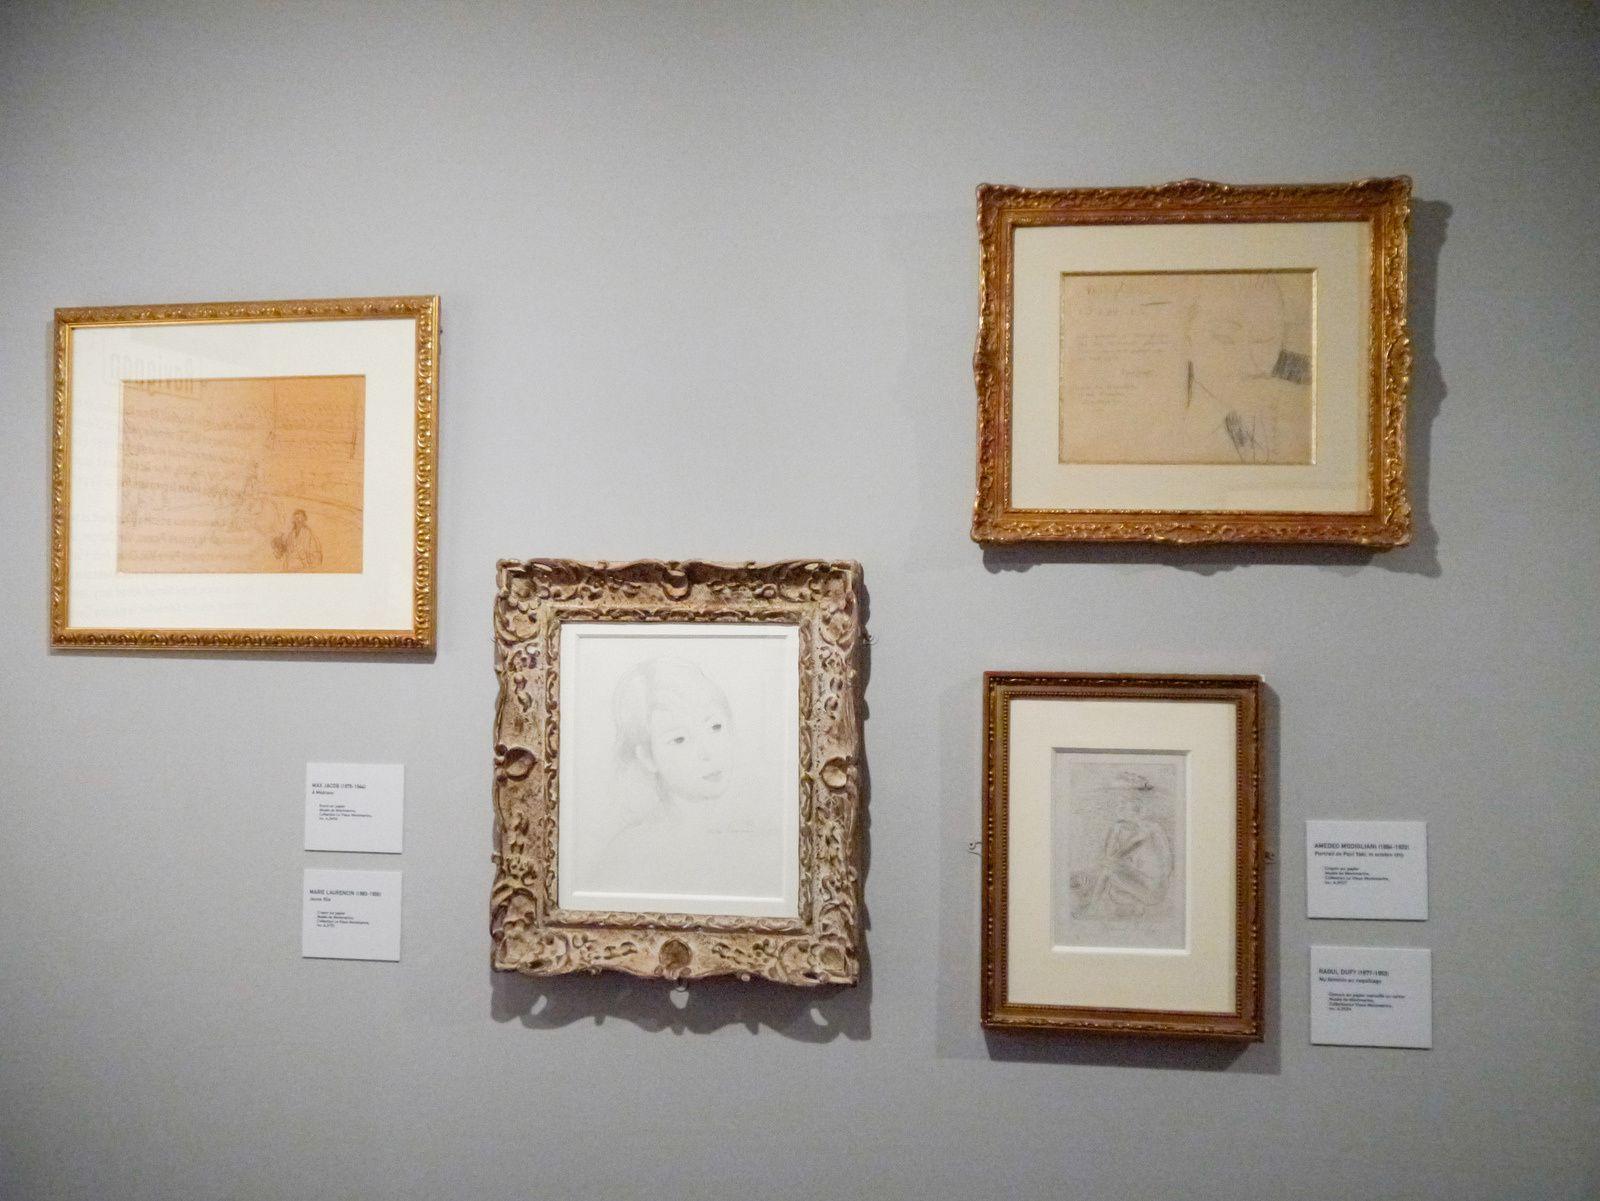 Ateliers d'artistes à Montmartre une exposition à découvrir jusqu'au 20 janvier 2019 au Musée Montmartre